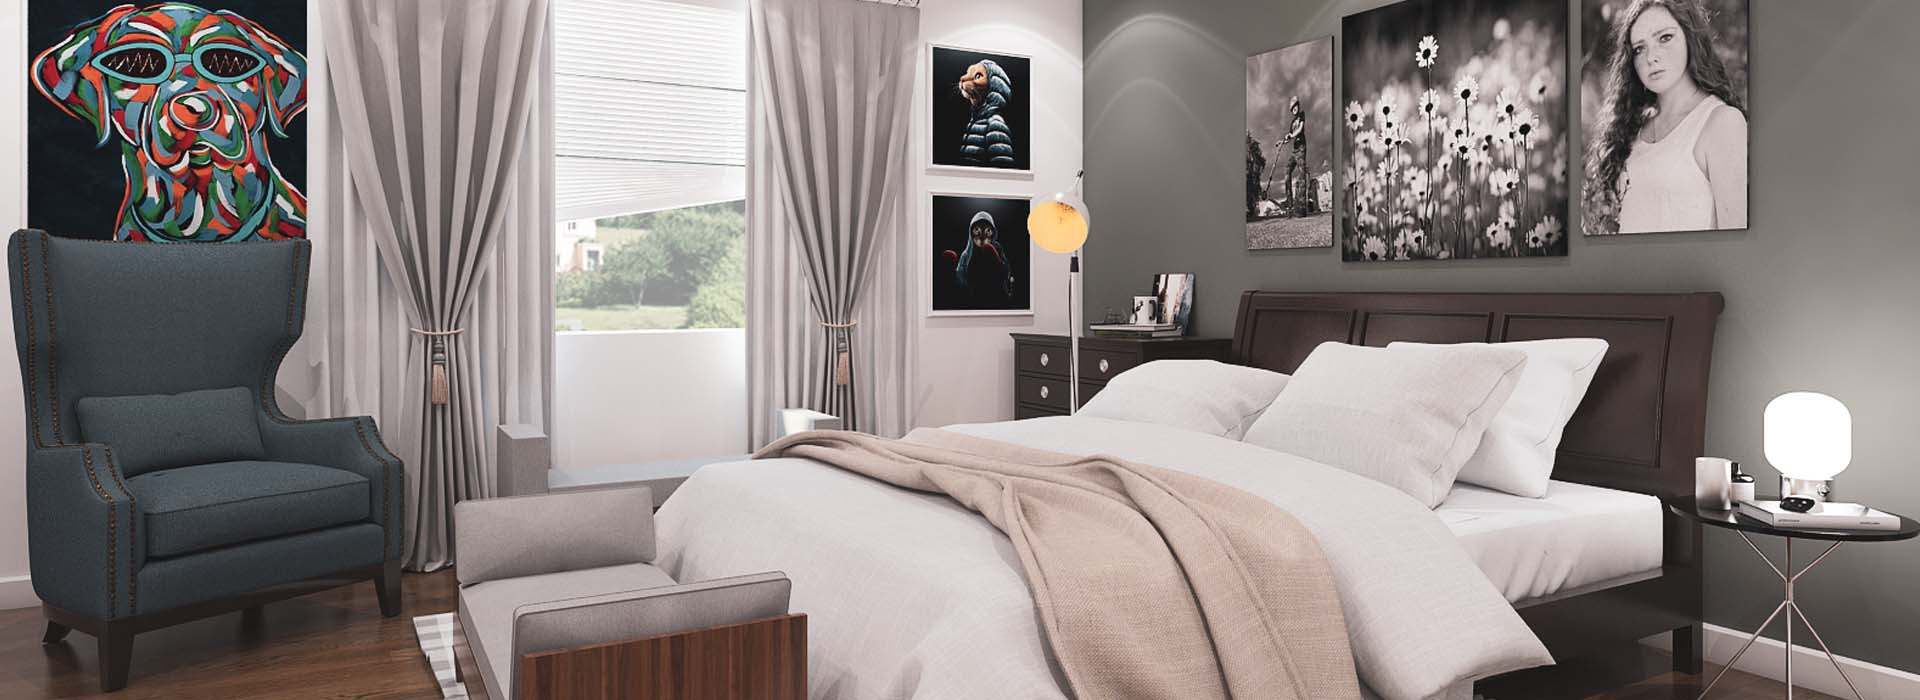 Pet Friendly Bedroom